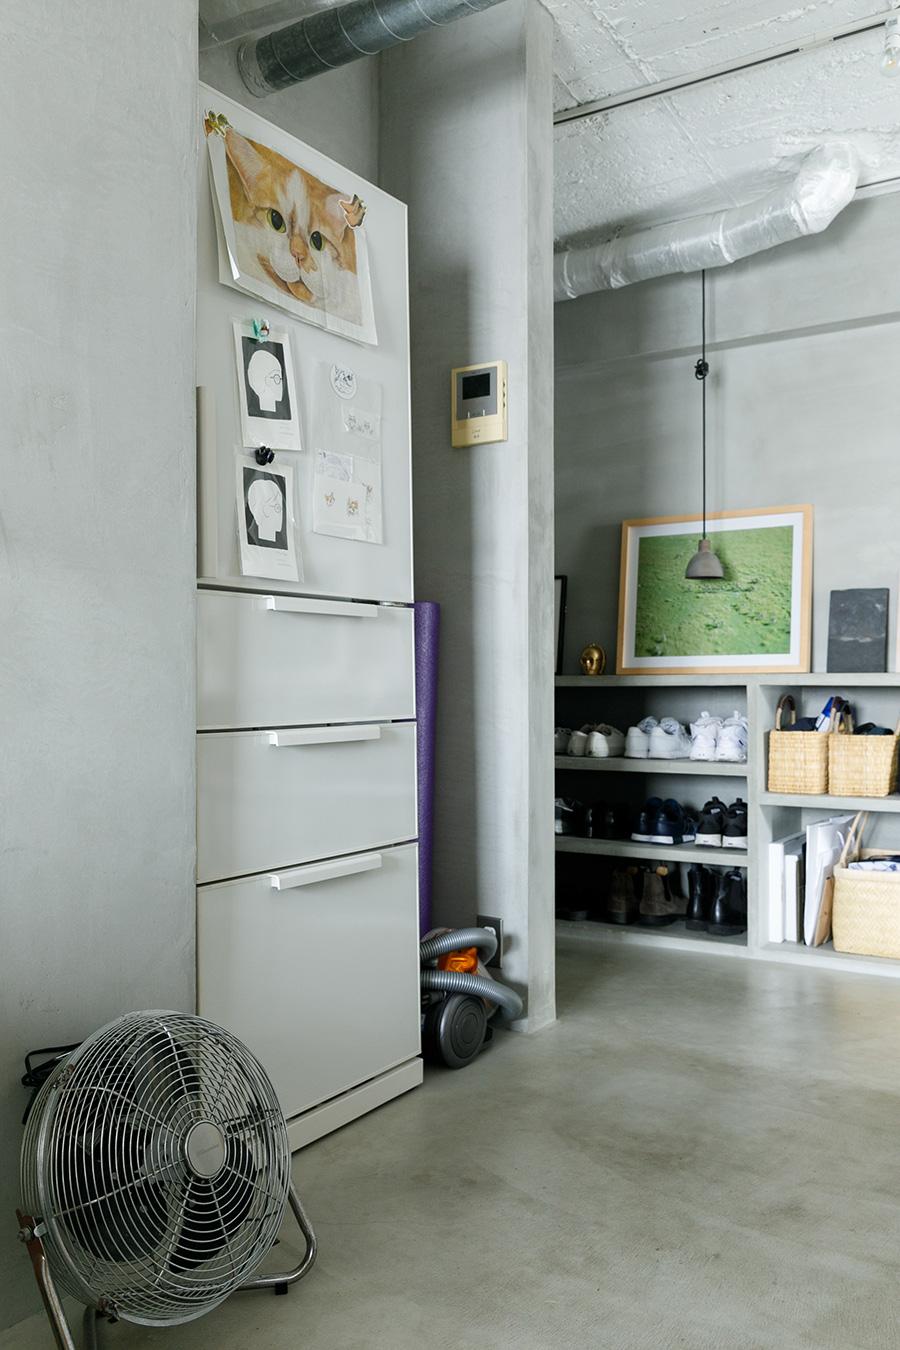 冷蔵庫に大きなどんこの絵。ダイソンの掃除機やモップなどの掃除道具は、冷蔵庫の横にひとまとめにすることで掃除の効率を上げている。